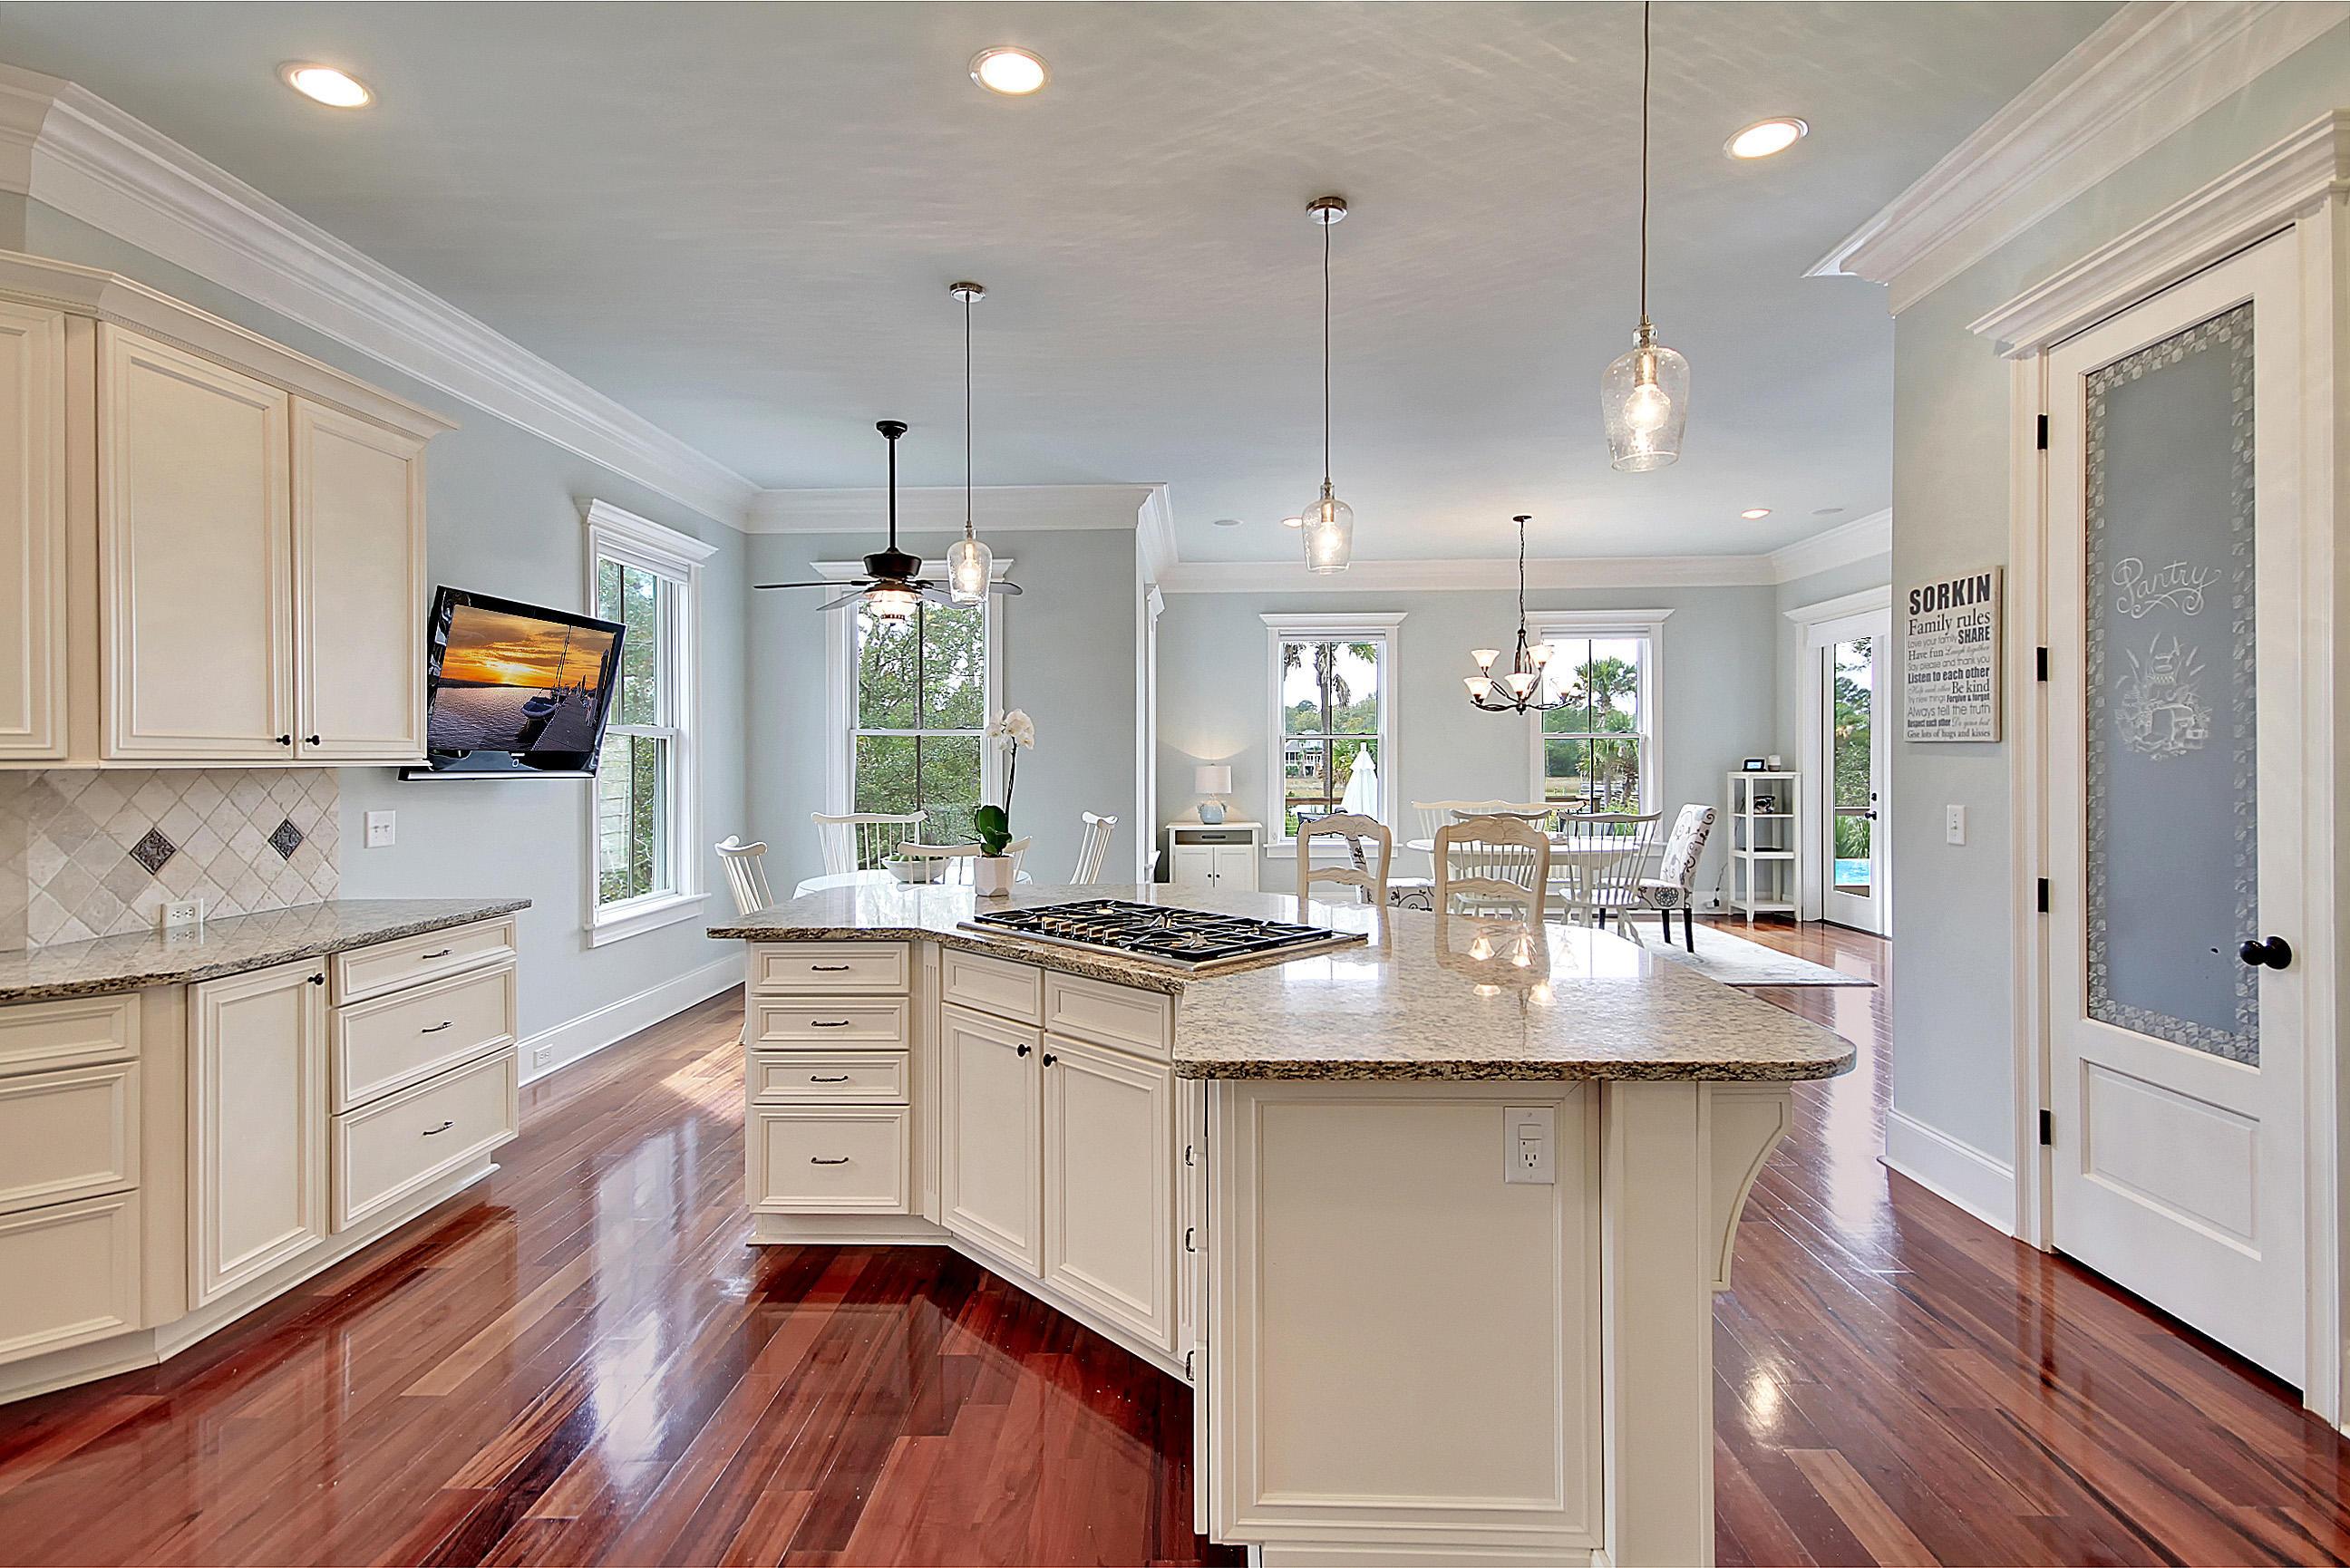 Park West Homes For Sale - 3940 Ashton Shore, Mount Pleasant, SC - 55